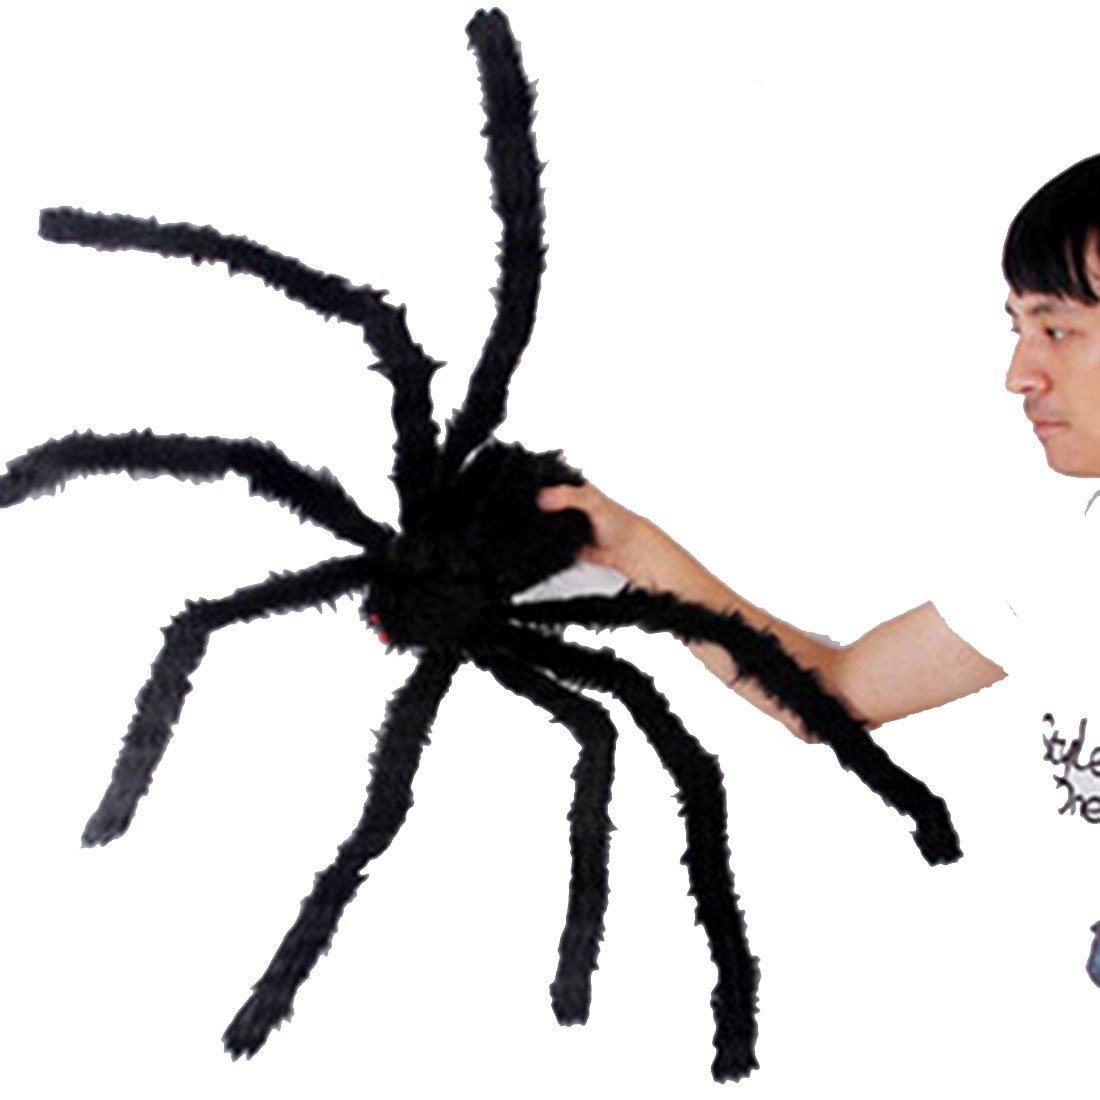 """Little Chair 11""""(30cm)/19""""(50cm)/29""""(75cm)/35""""(90cm)/49""""(125cm) Plush Black Spiders Halloween Home Party Decoration Toys (35""""(90cm))"""